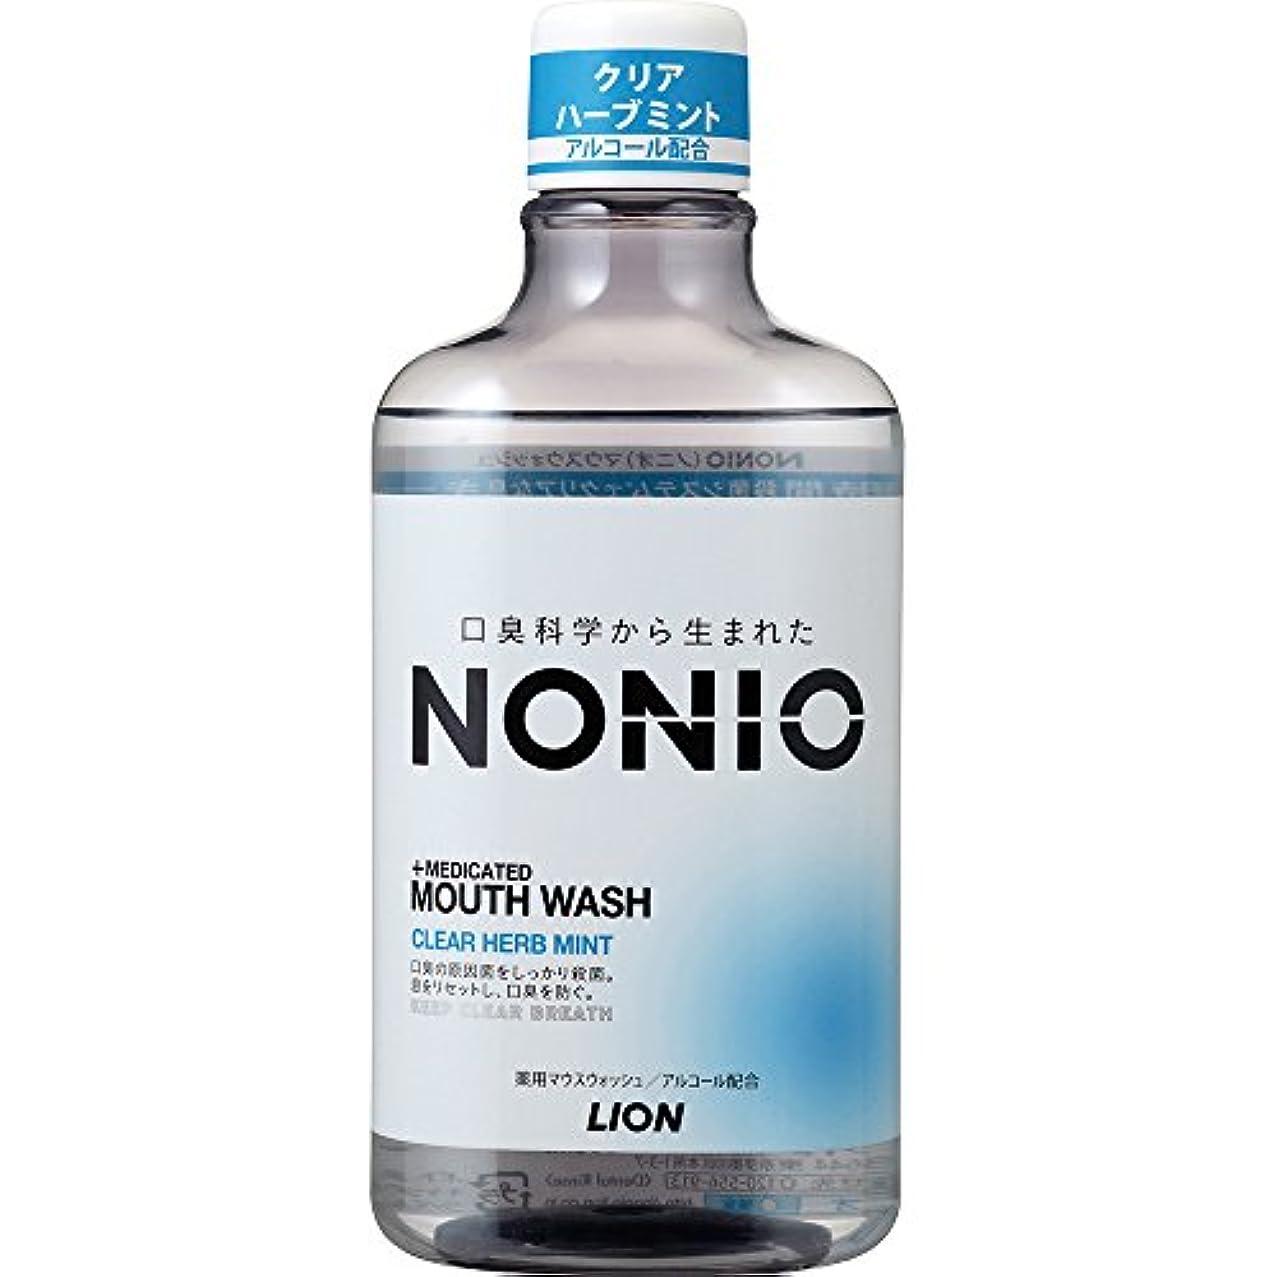 感度防ぐサイトラインNONIO(ノニオ) [医薬部外品]NONIO マウスウォッシュ クリアハーブミント 洗口液 単品 600ml